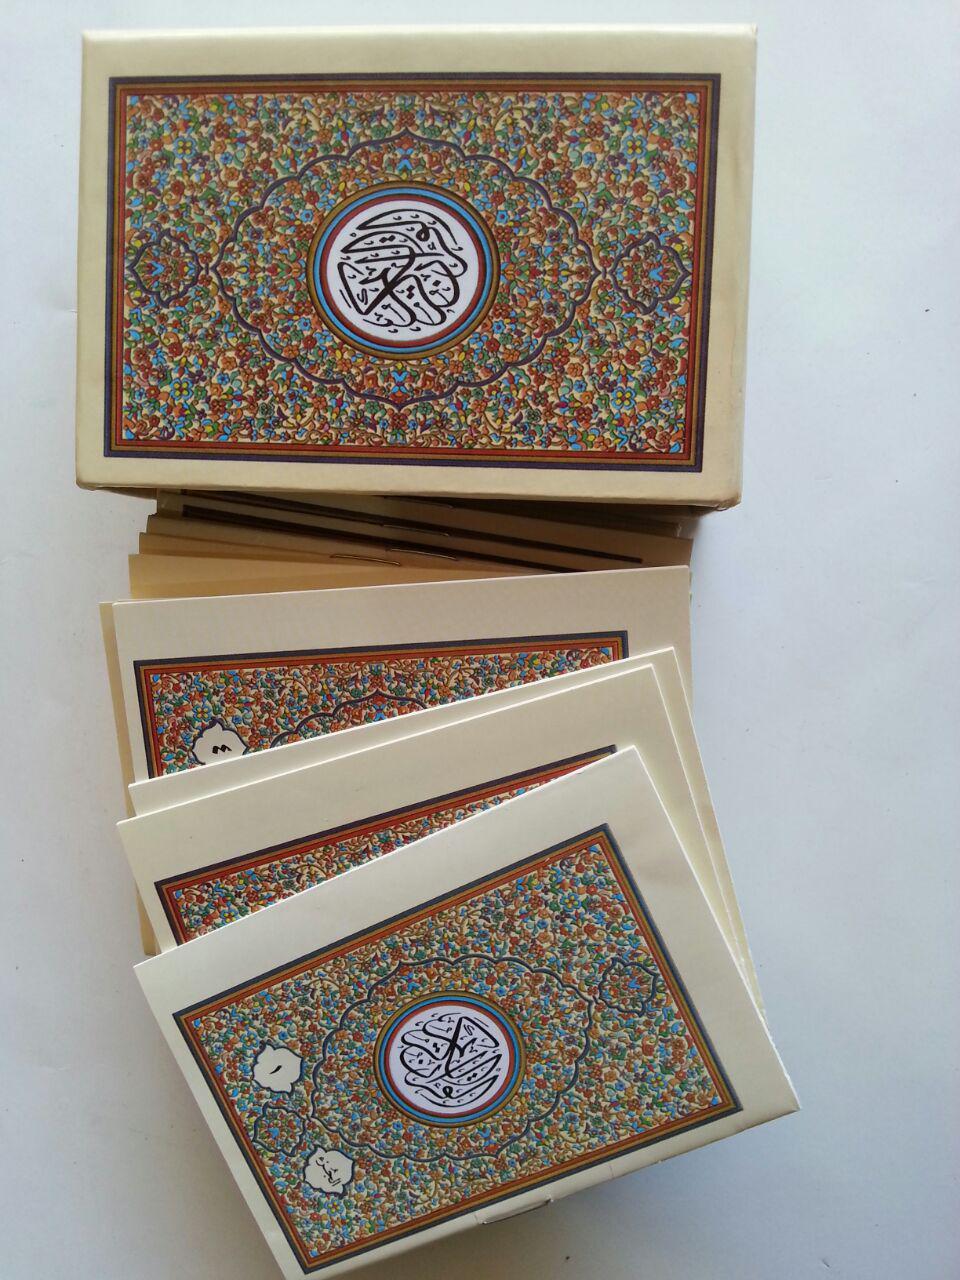 Al-Qur'an Impor Per Juz Tanpa Terjemah Ukuran 7x10 isi 3